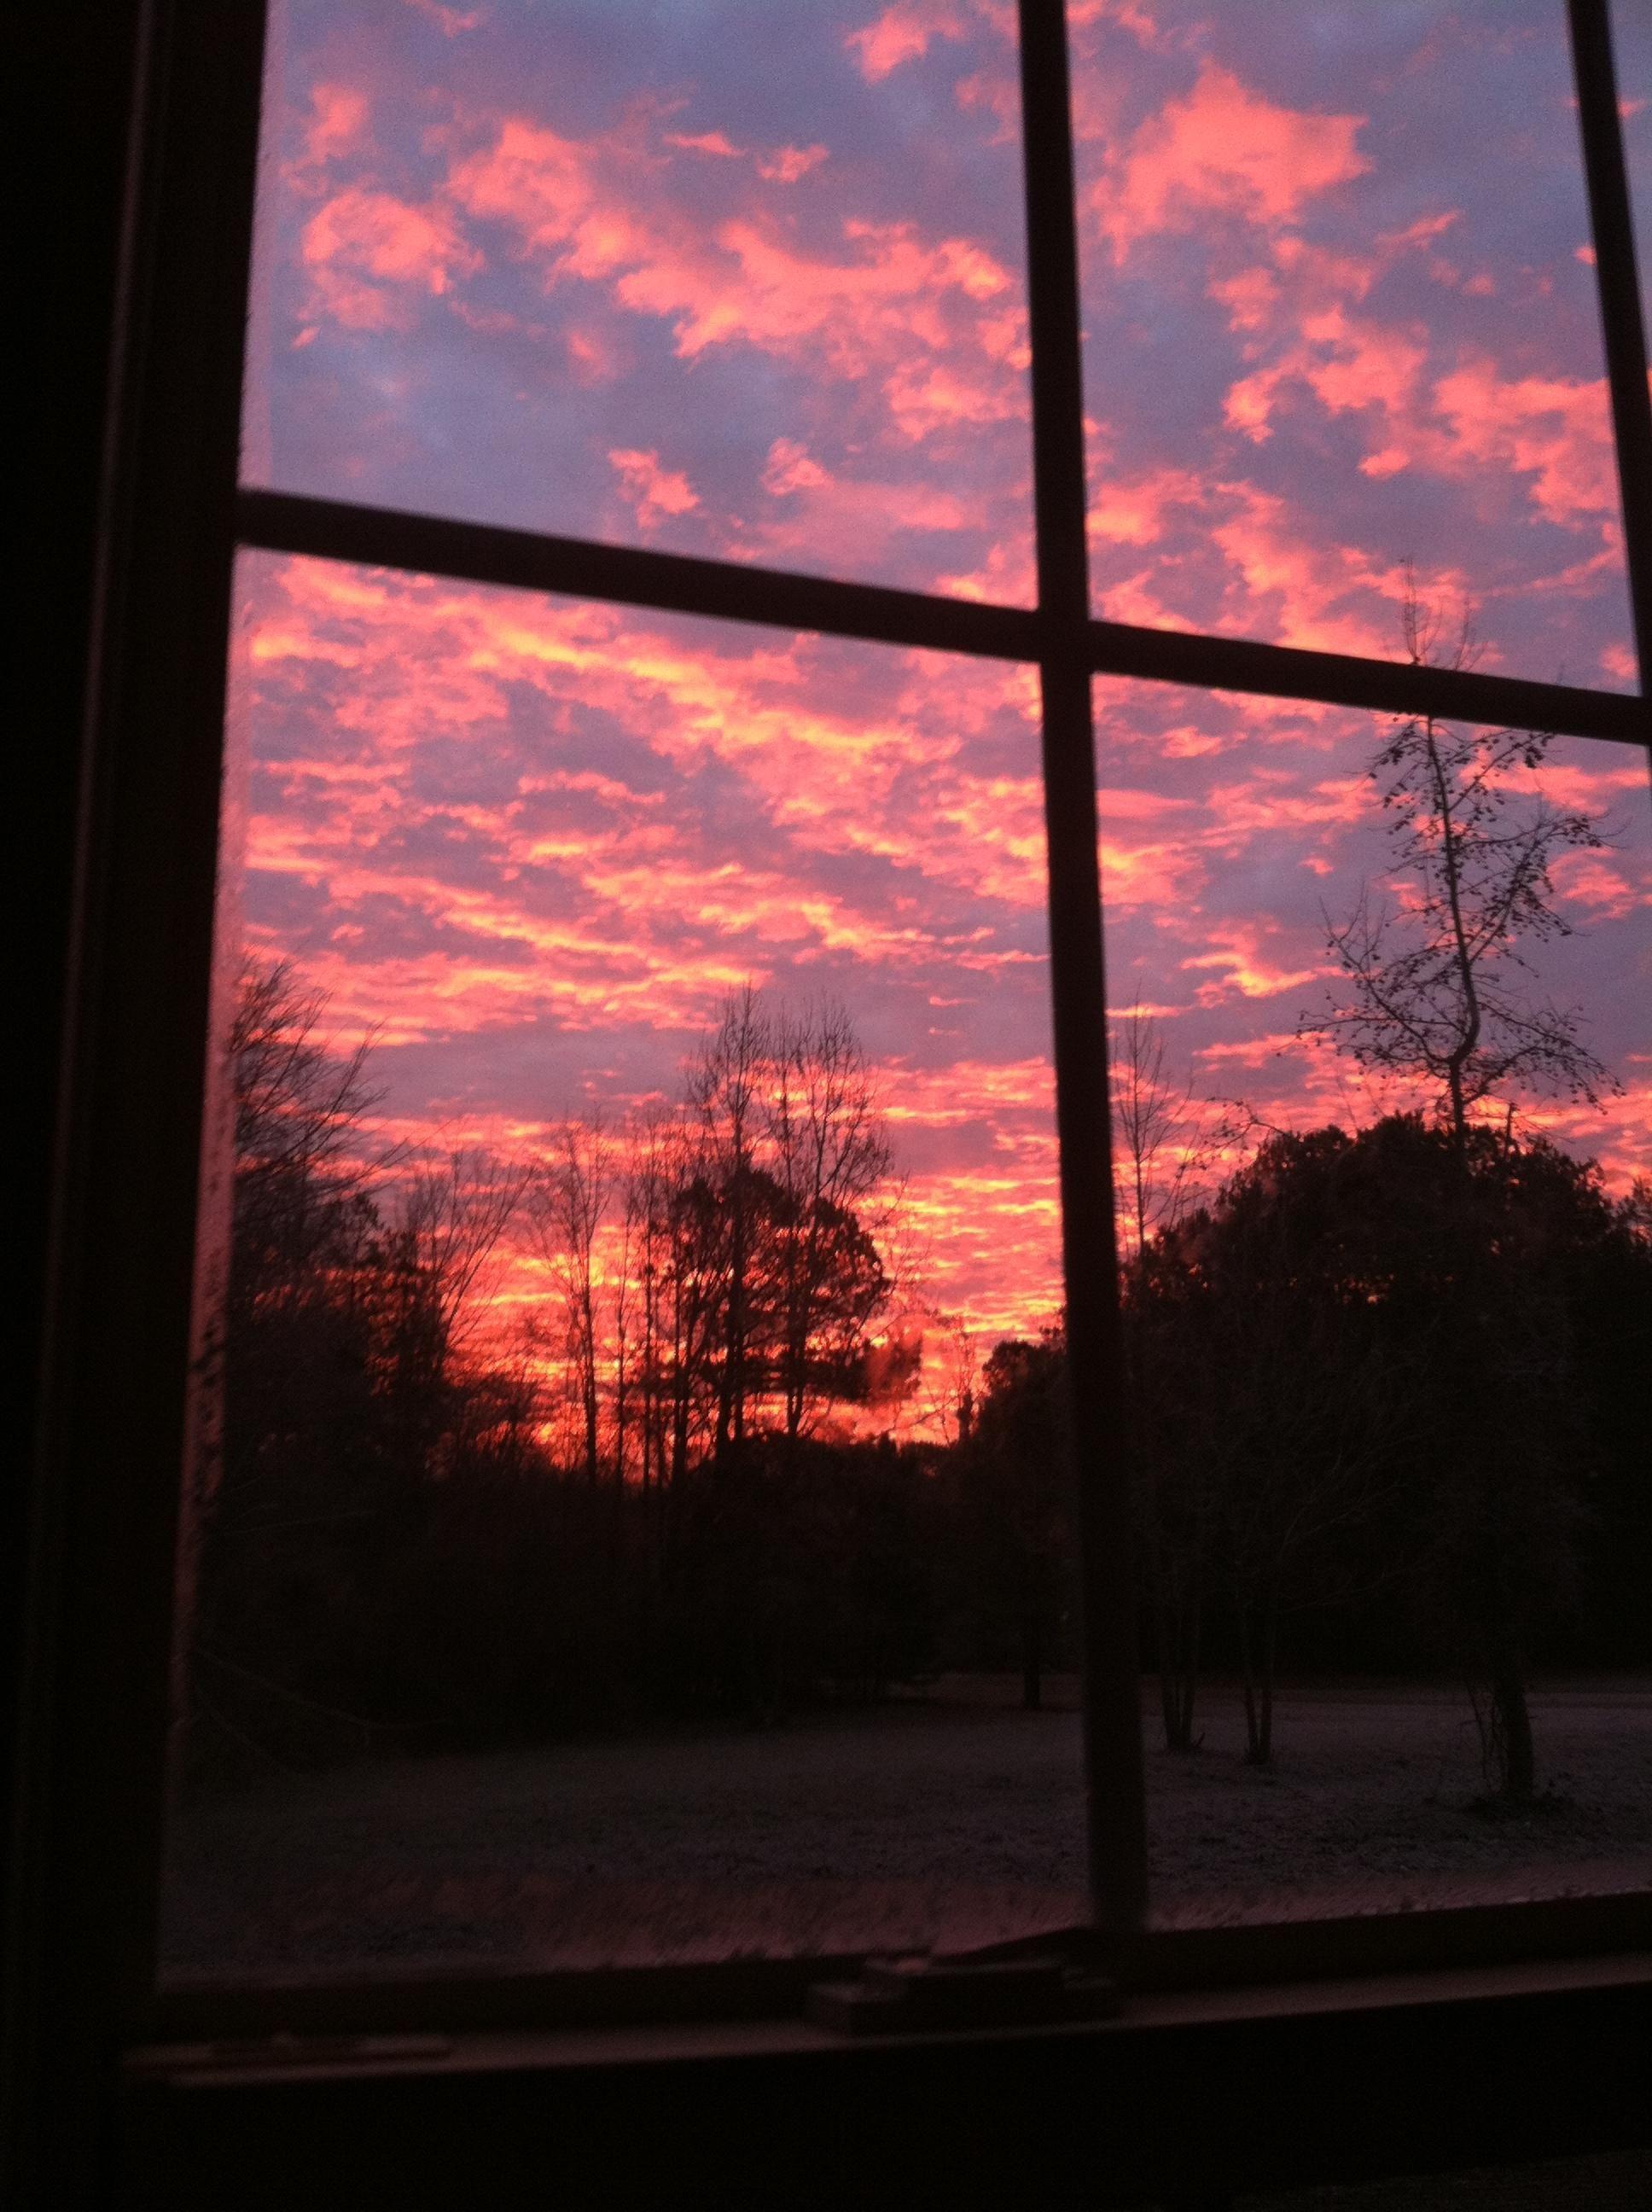 патрик картинки вид из окна на закате начала